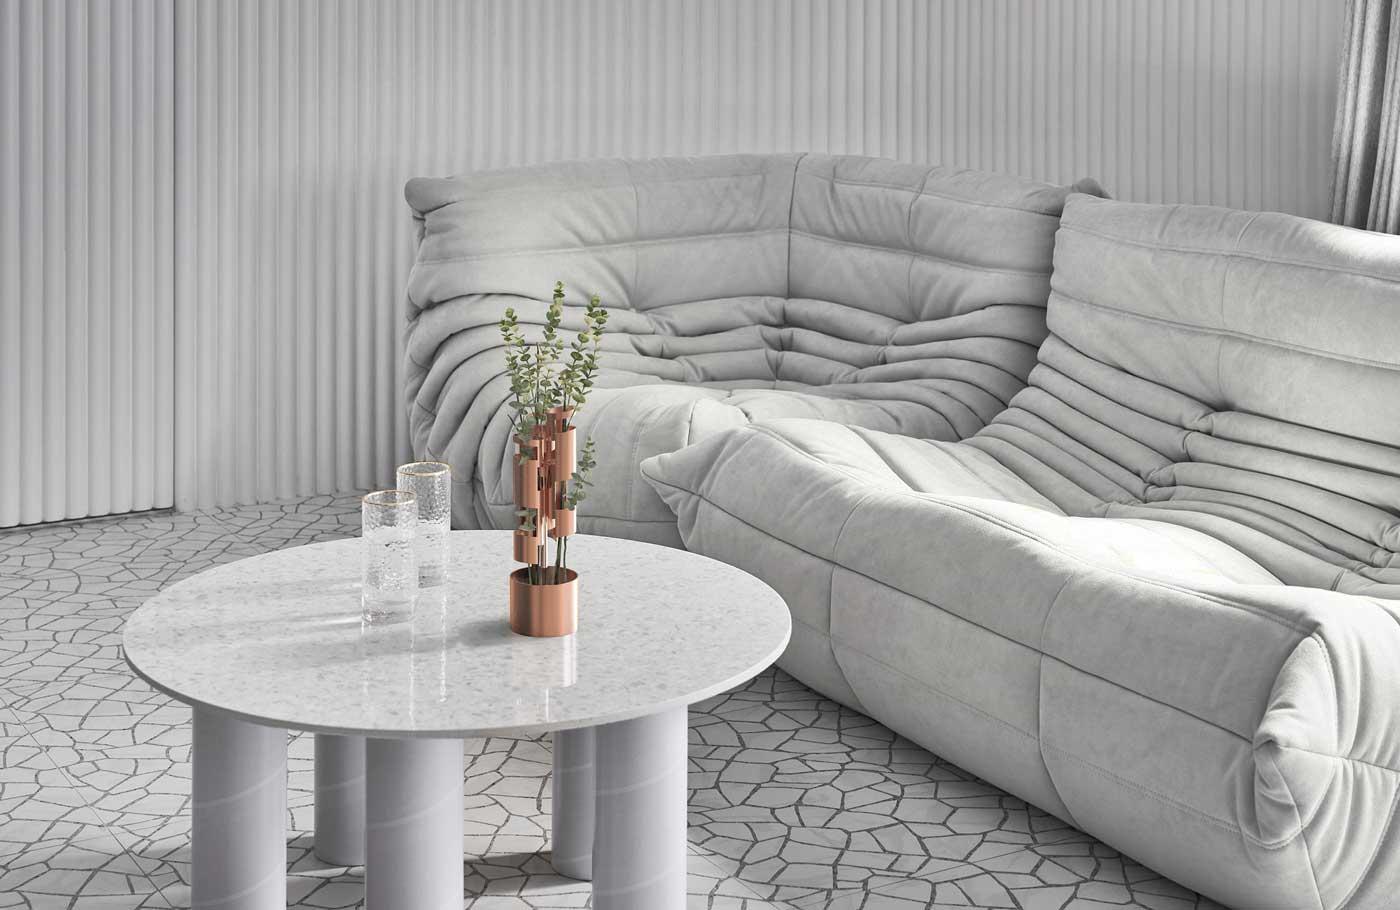 Une table basse avec des pieds en tube et de la petite déco rose gold dans un salon total white